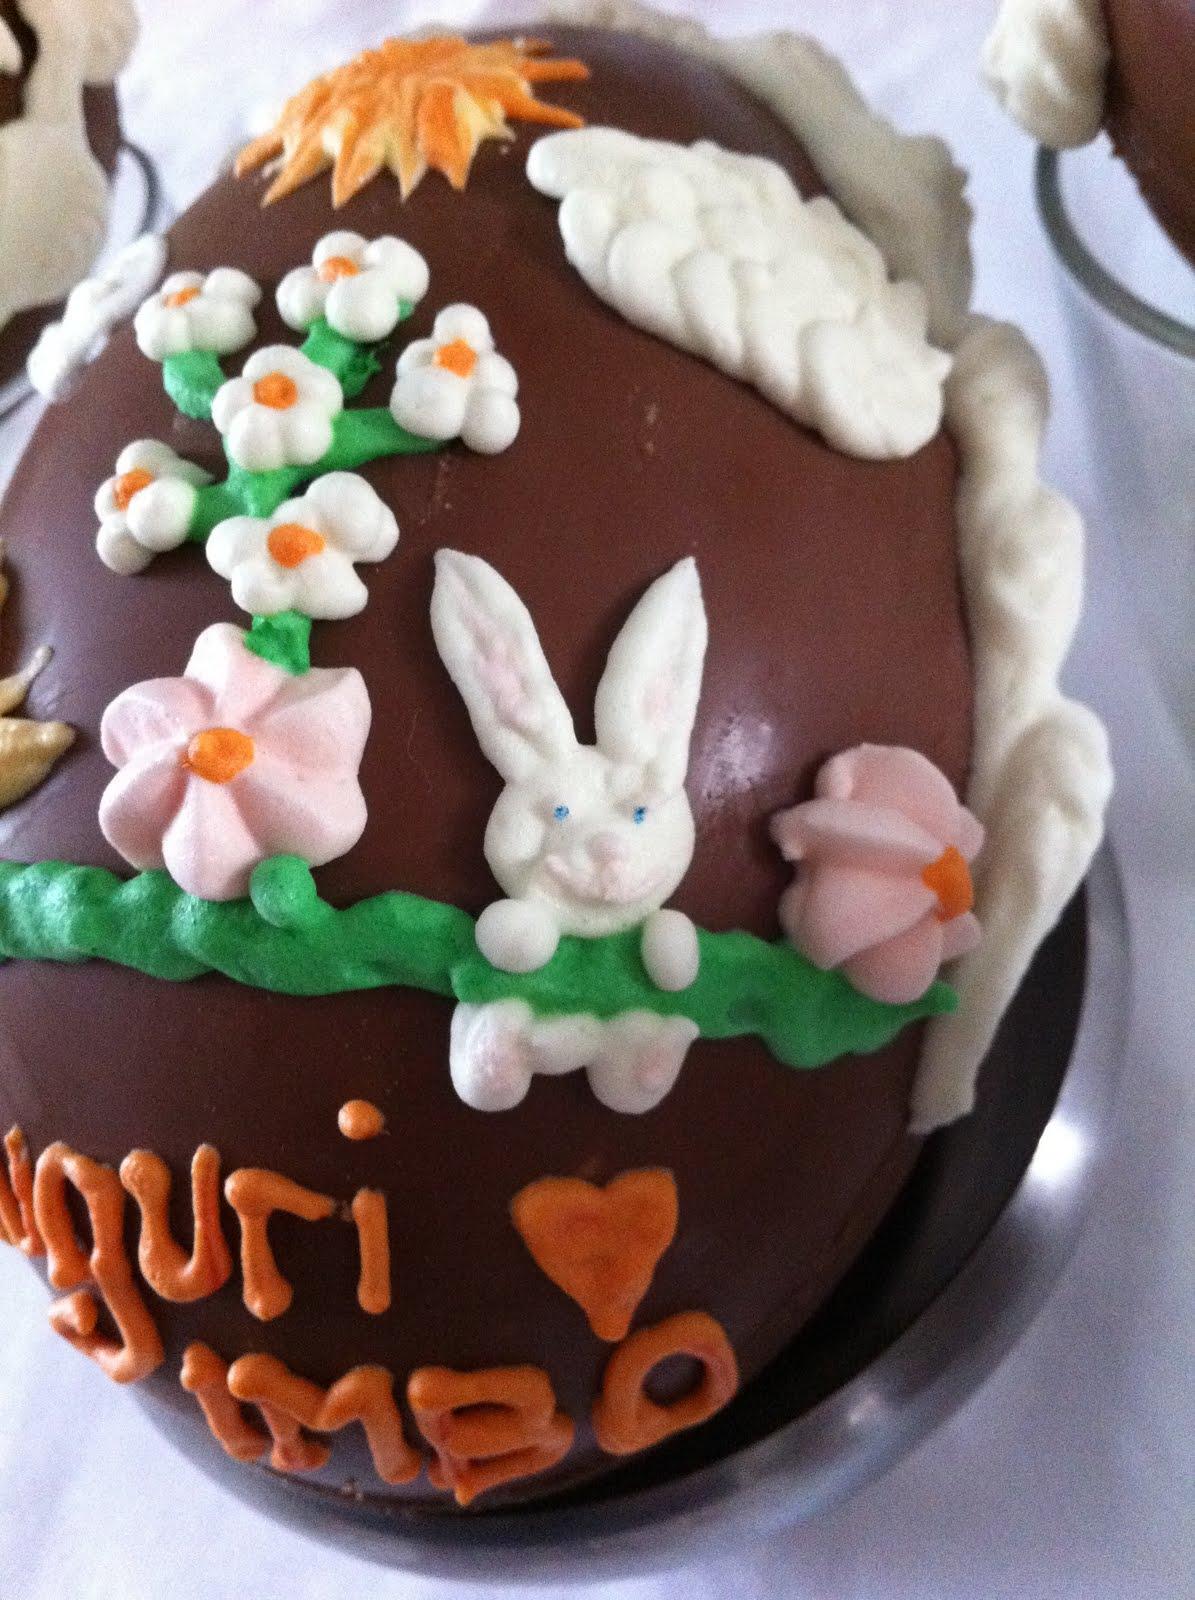 Omini pasticcini uova di pasqua decorate con ghiaccia reale - Uova di pasqua decorati a mano ...